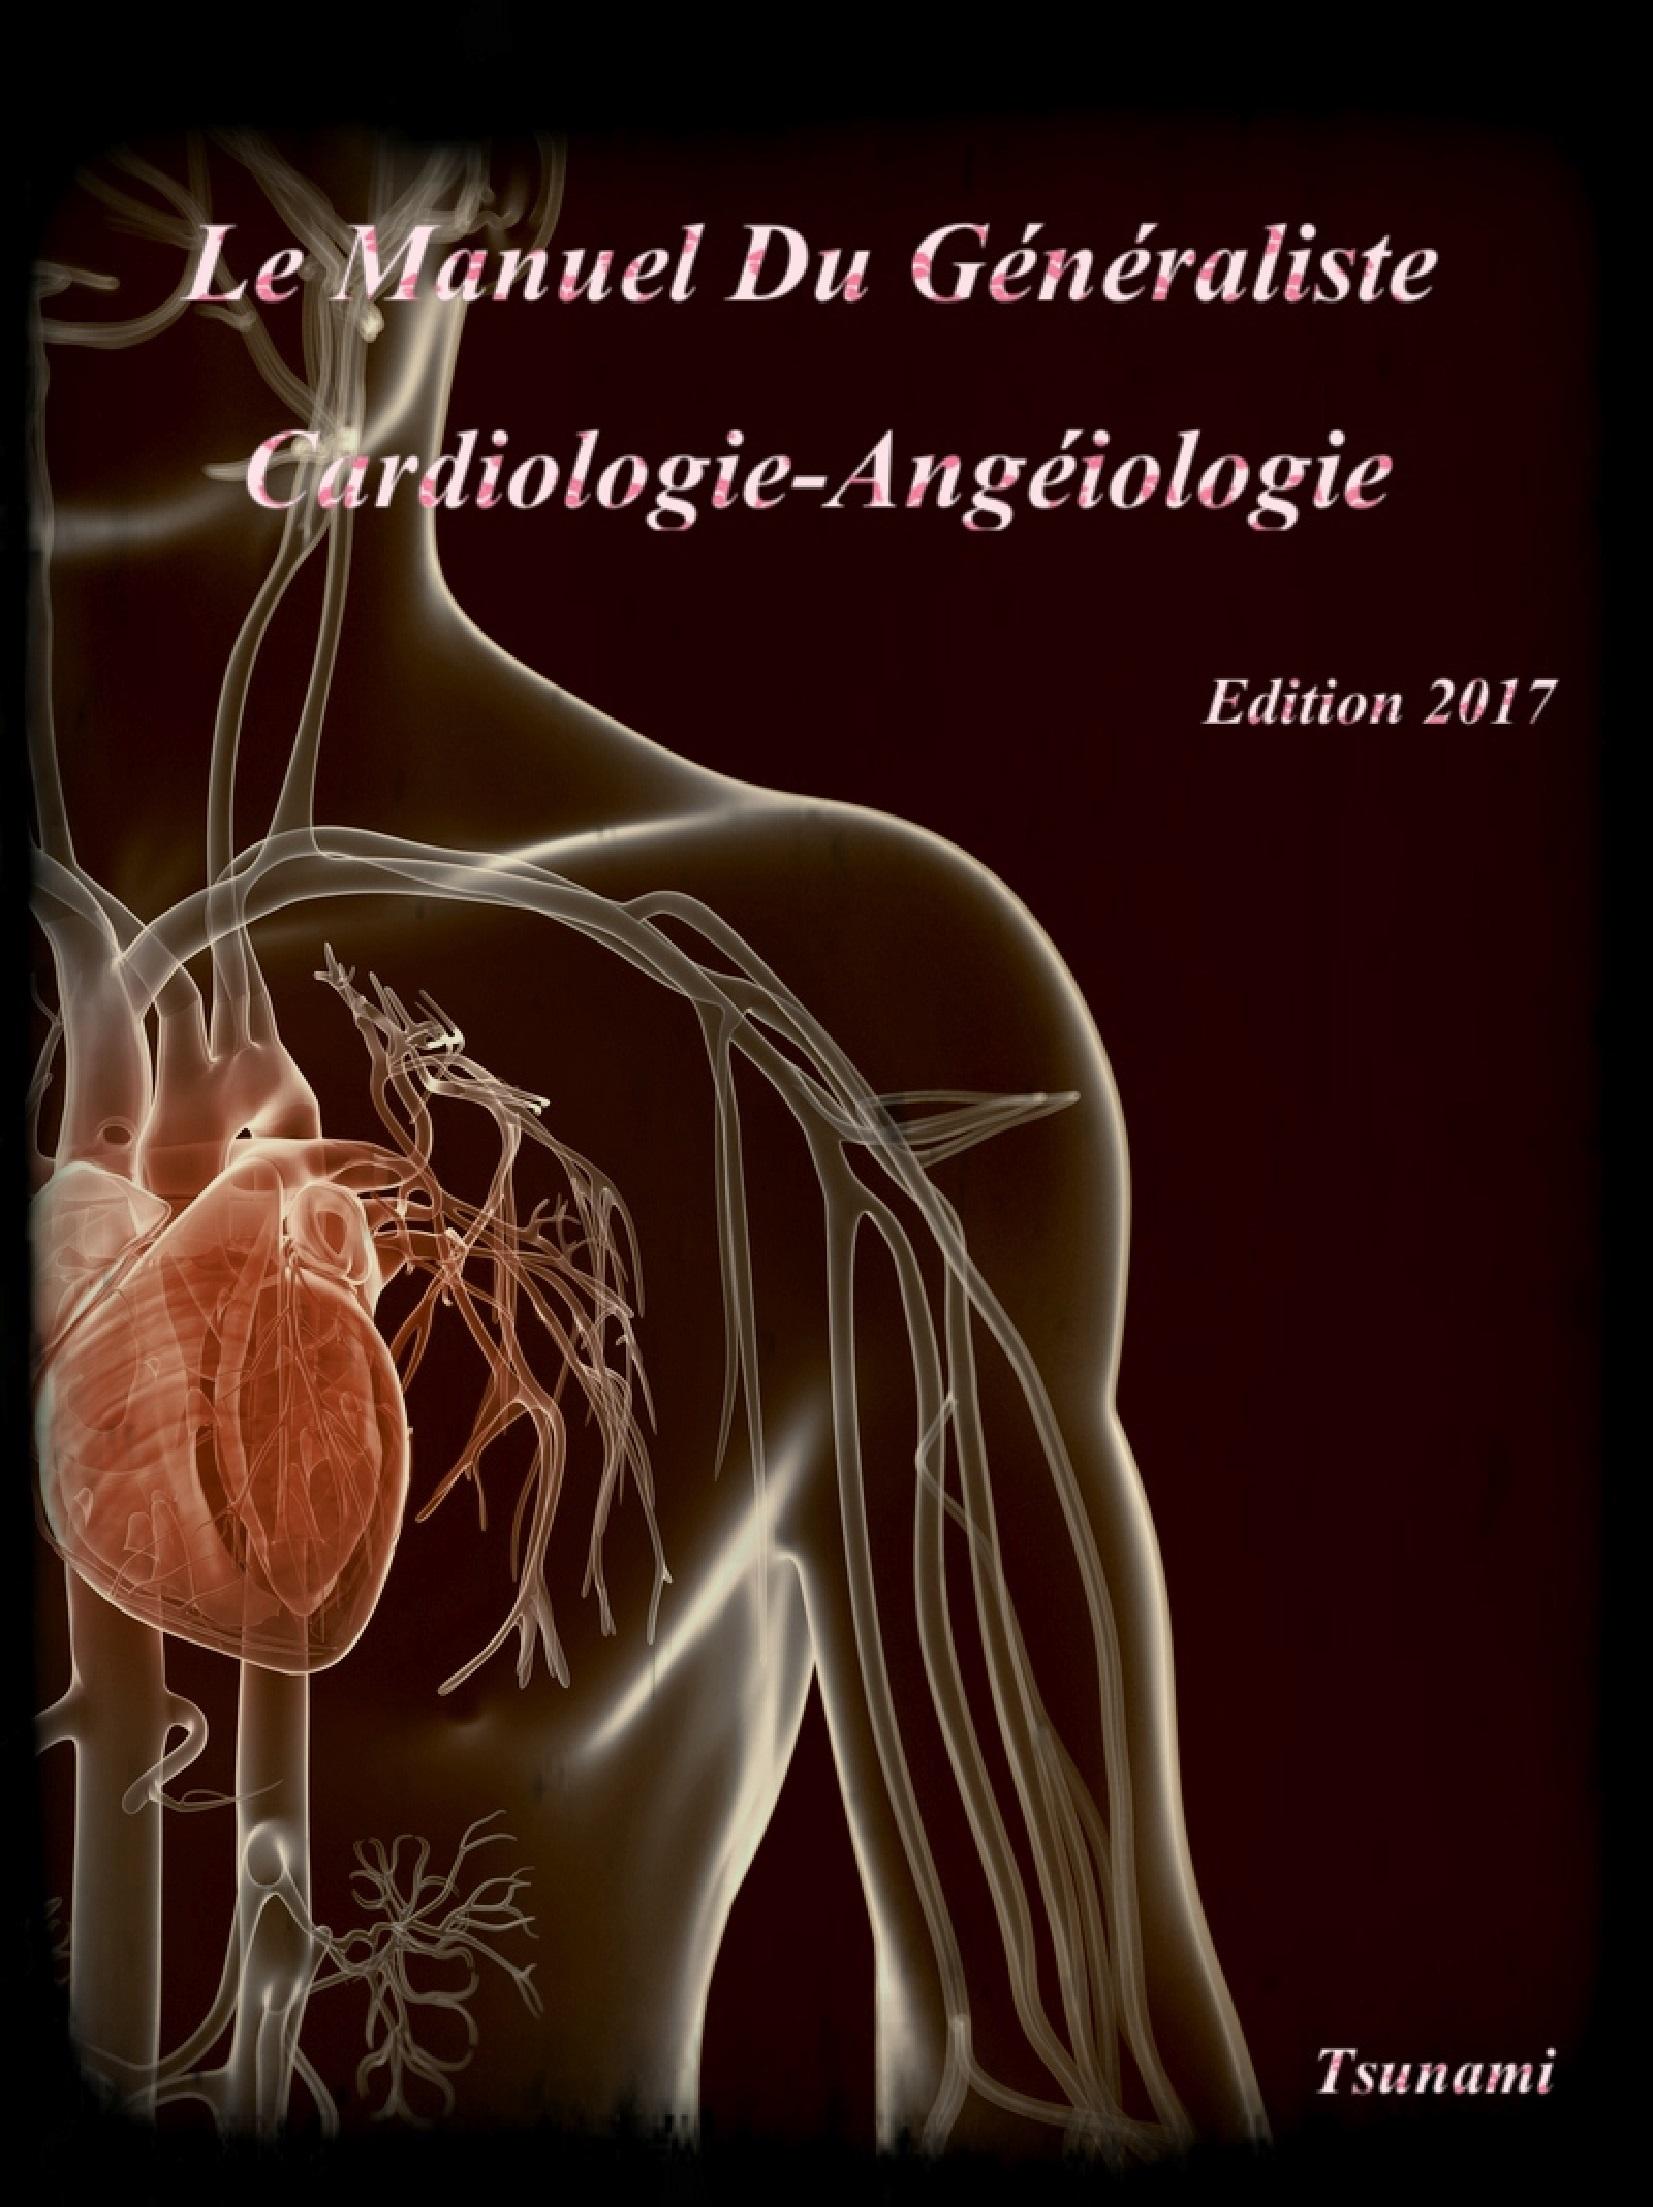 Livres Médicales - Le Manuel Du Généraliste 2017 Cardiologie-Angéiologie Le_man12